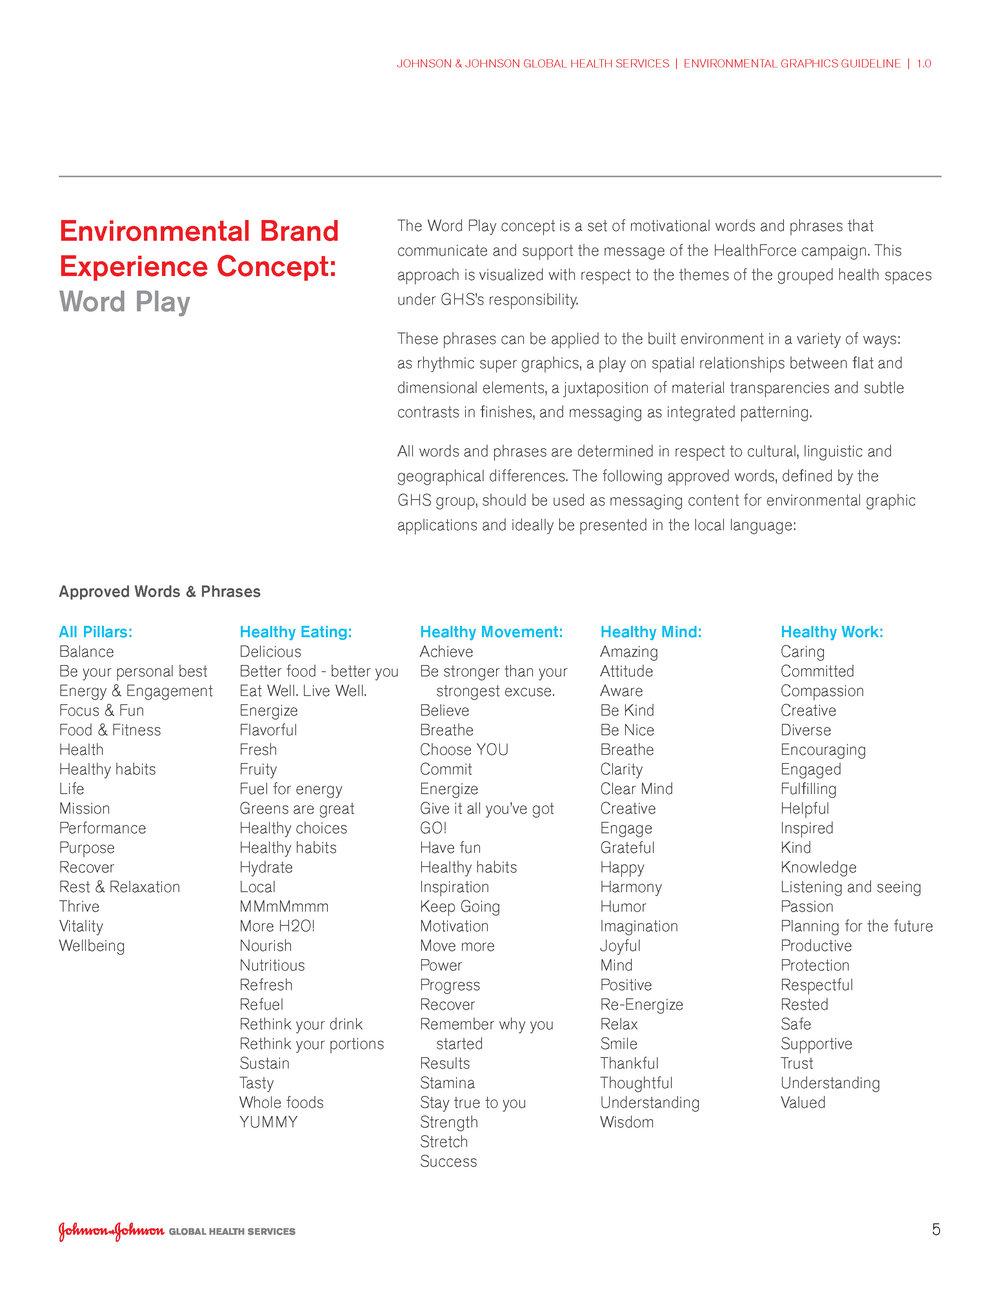 170929_GHS-EnvironmentalGuidelines_1.0 copy_Page_005.jpg